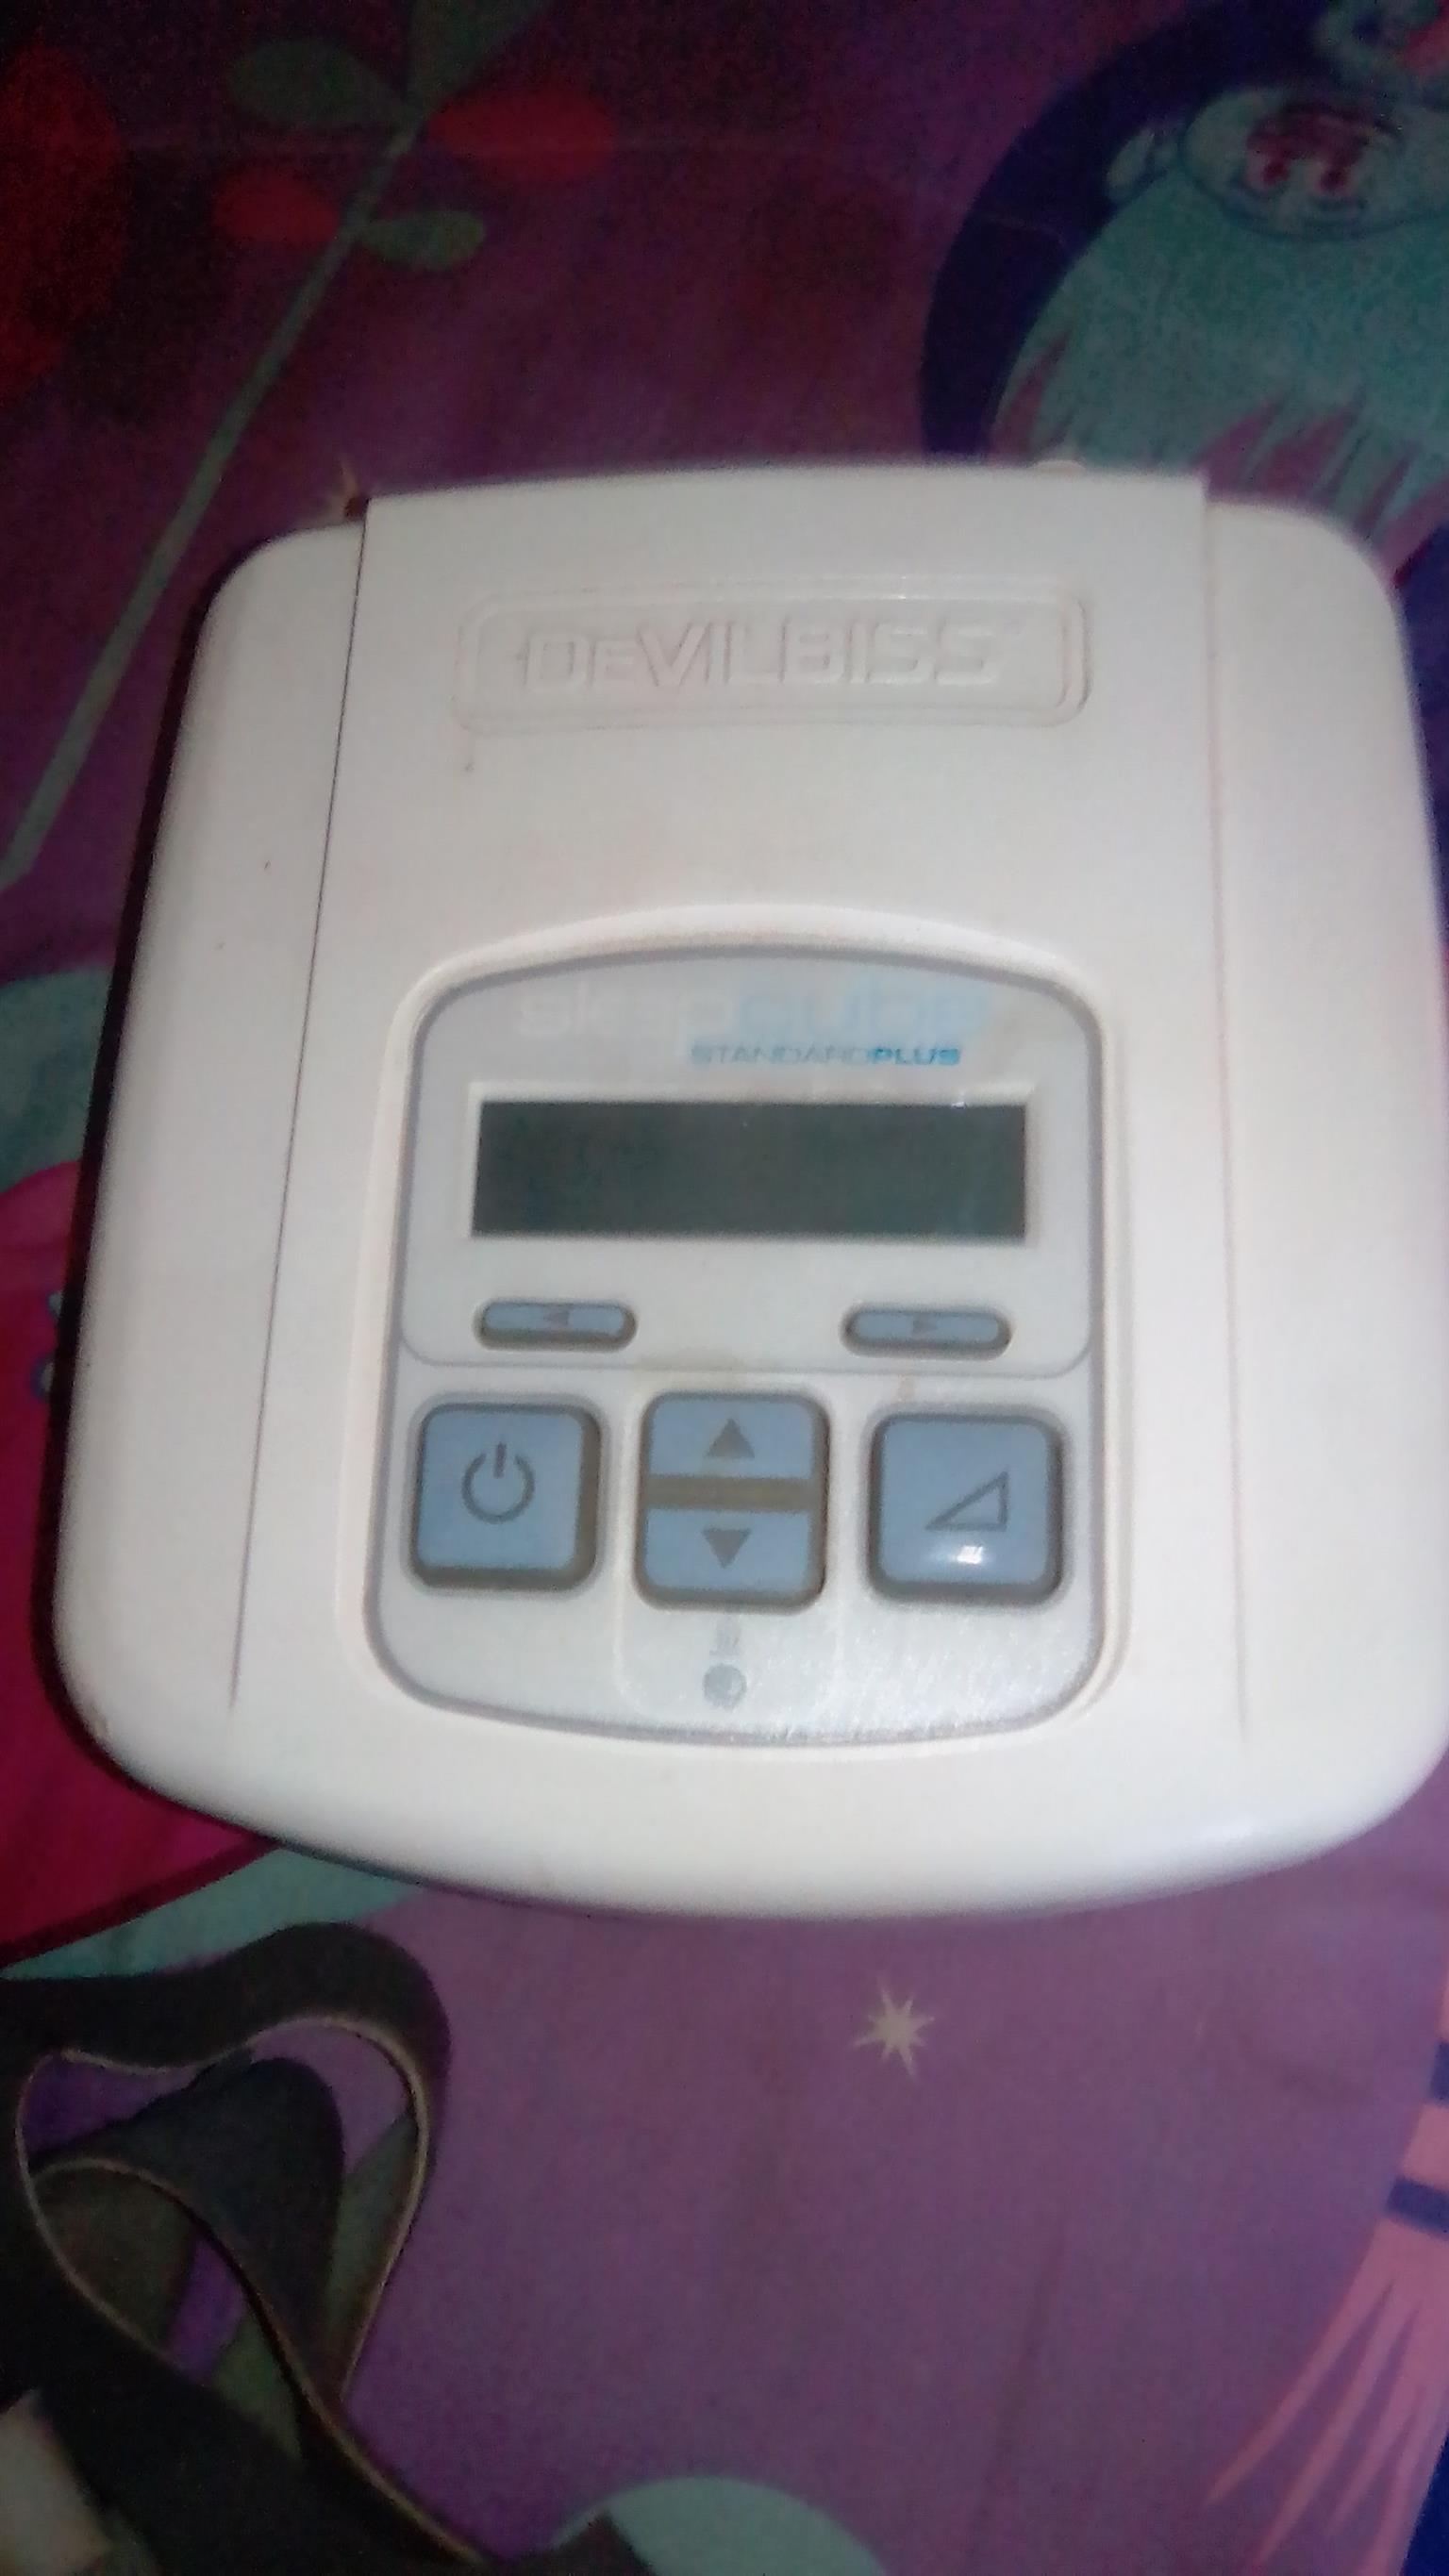 Apnea machine